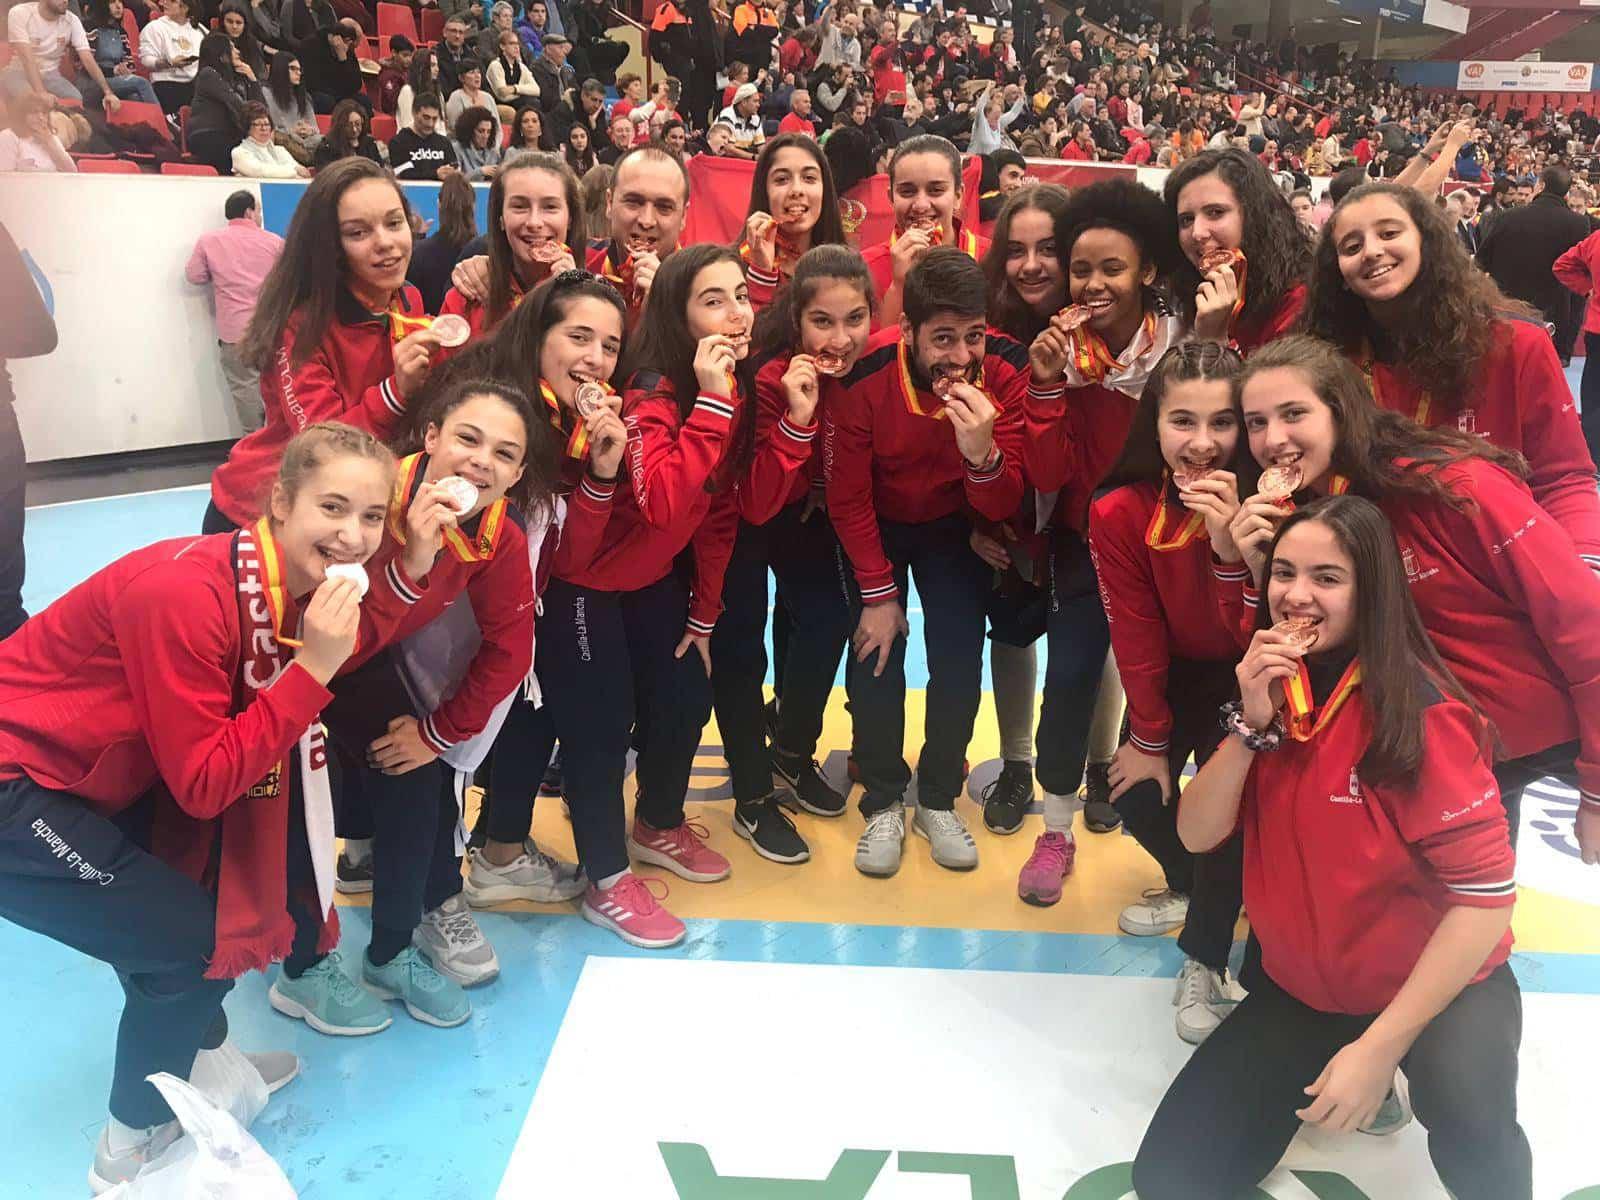 seleccion femenina infantil balonmano castilla la mancha - Enhorabuena a los herencianos por sus éxitos en la Copa de España de balonmano